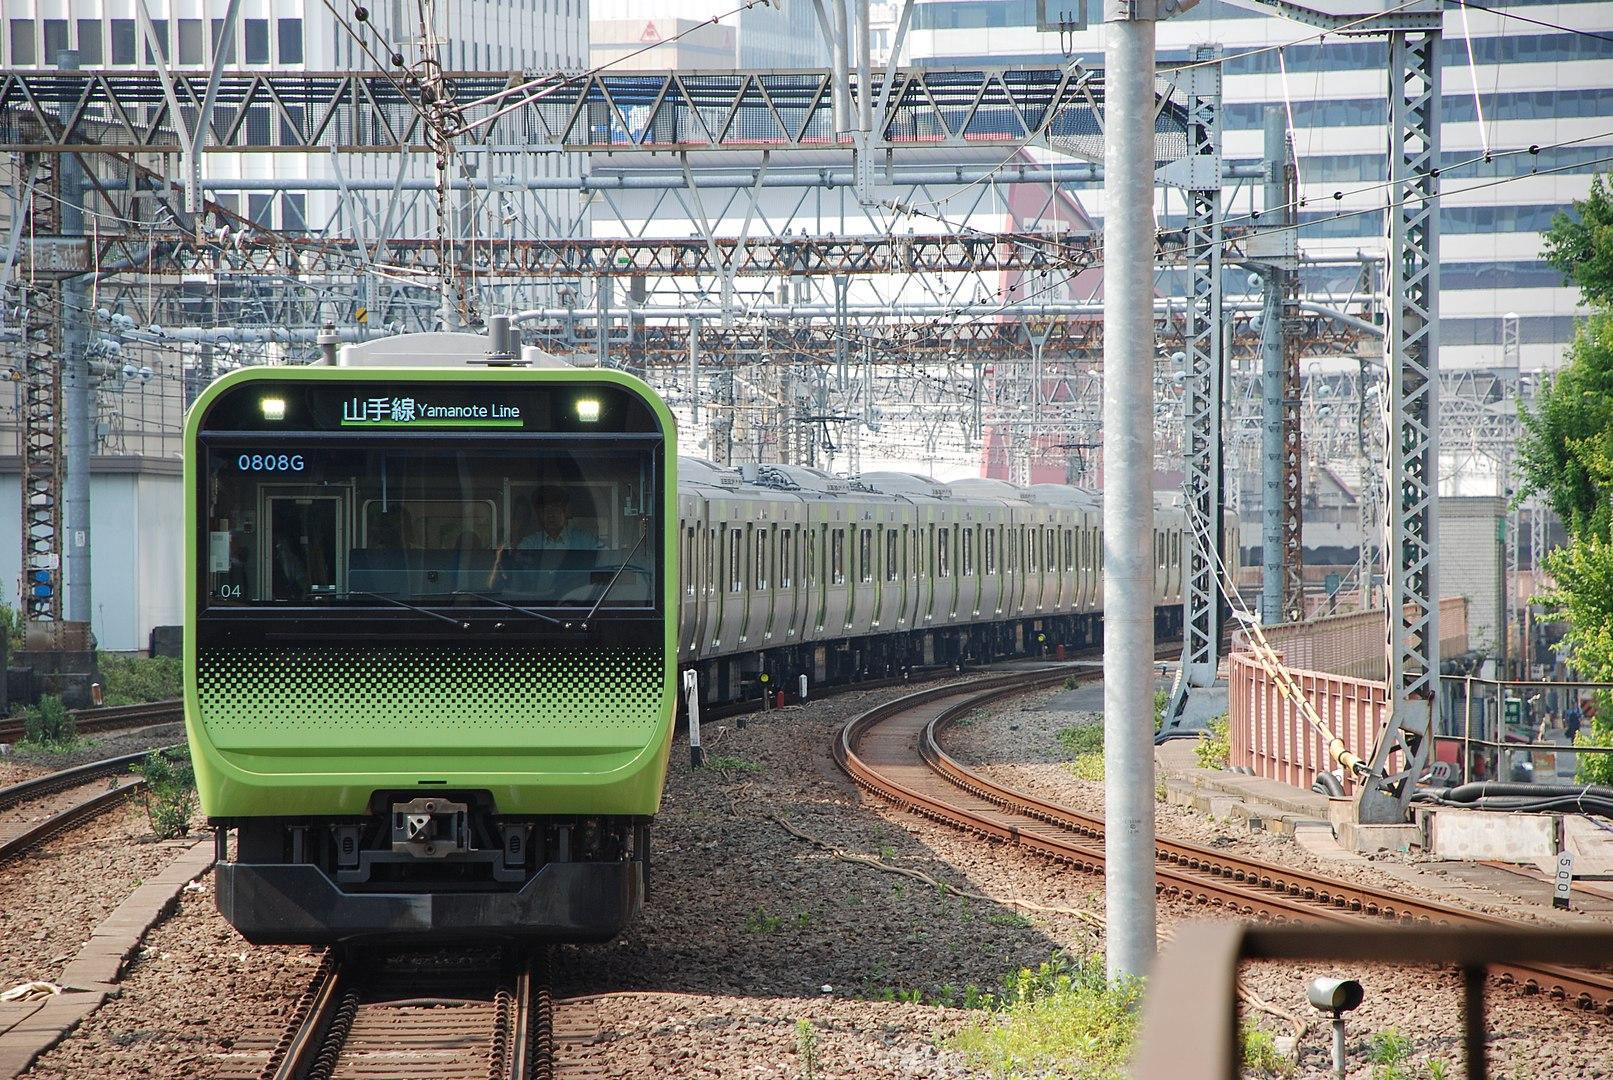 yamanote line e235